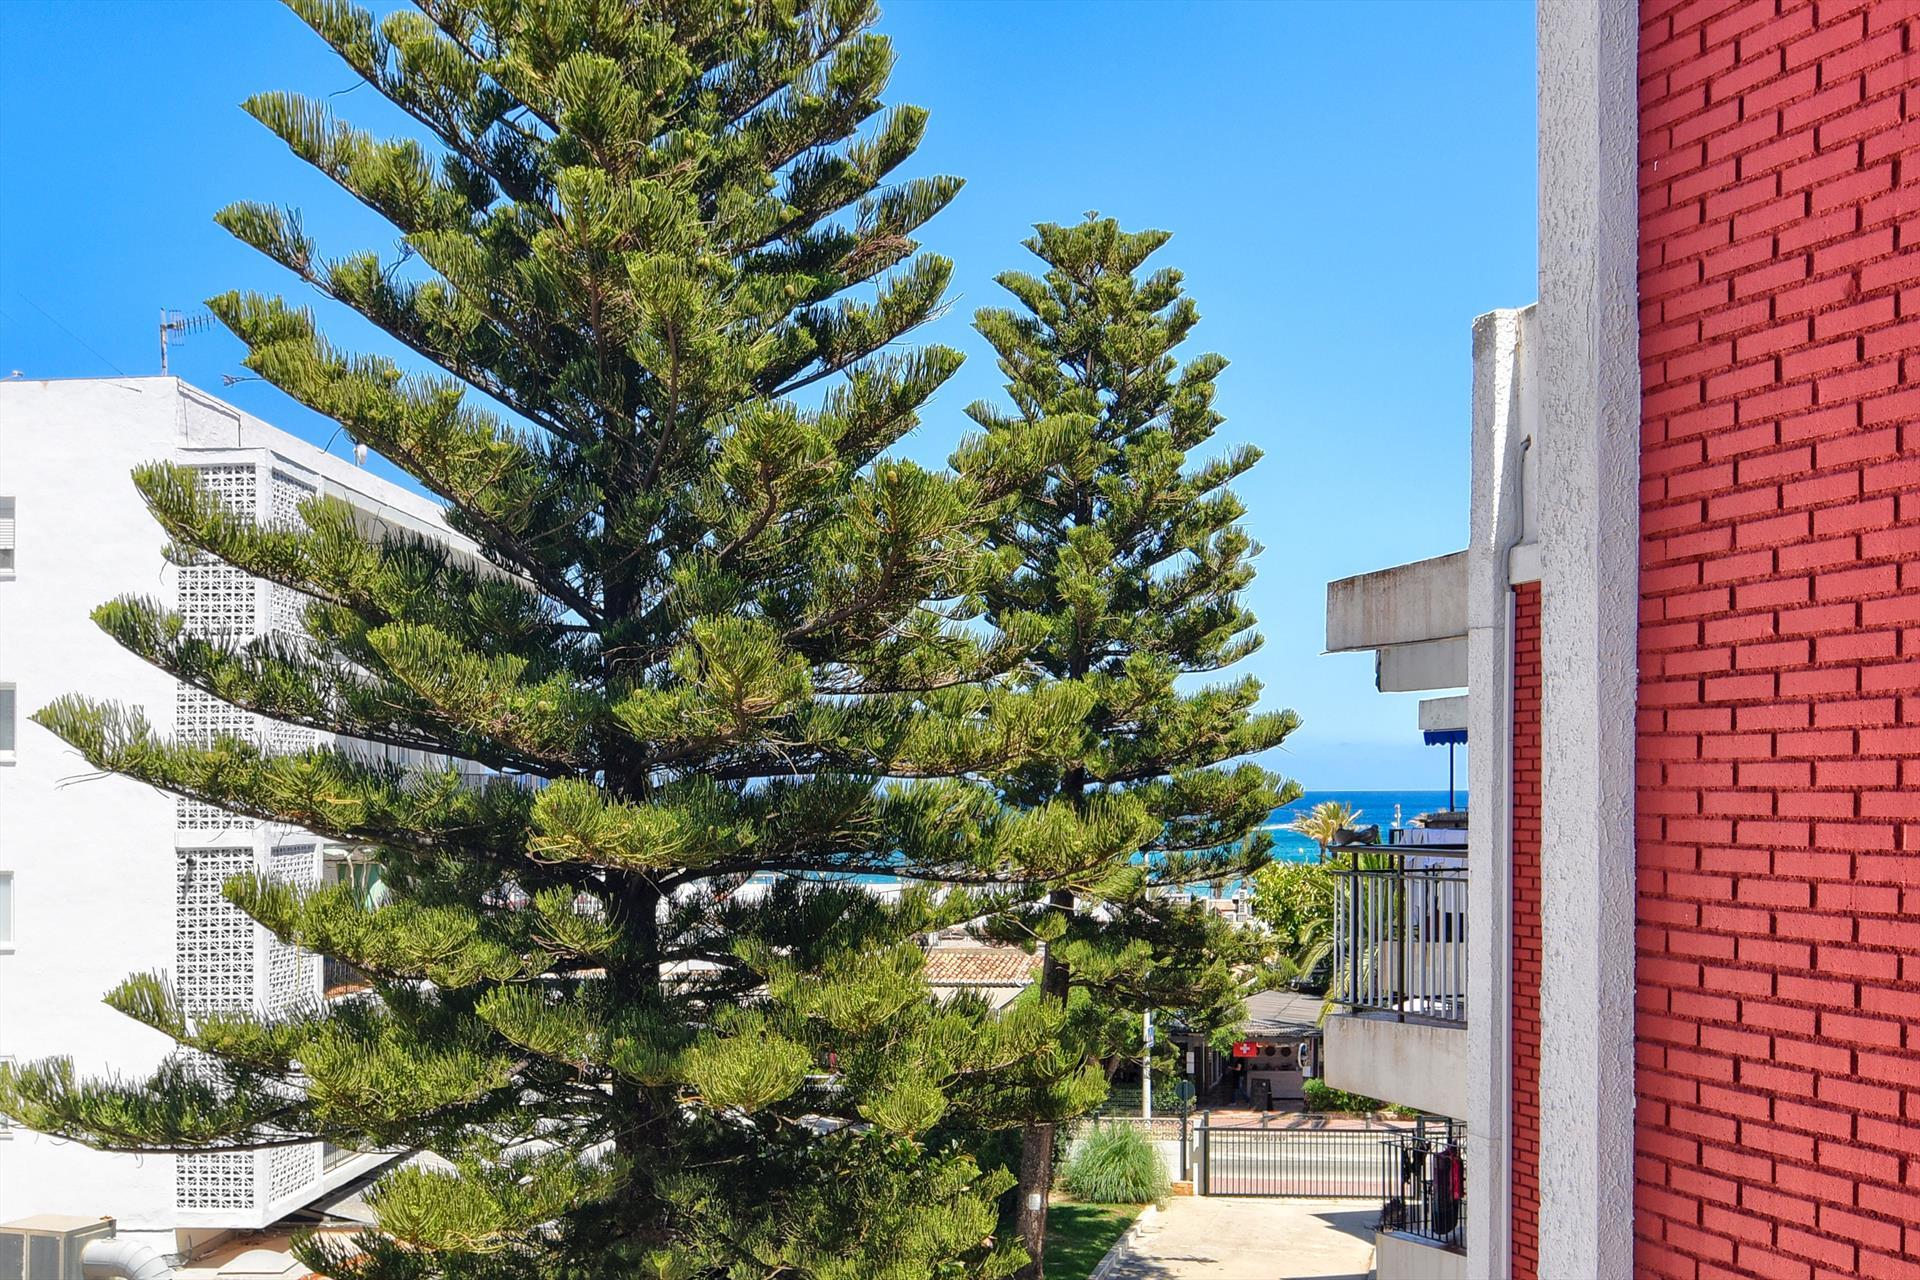 Monada,Wunderschöne und komfortable Ferienwohnung in Javea, an der Costa Blanca, Spanien für 6 Personen.....